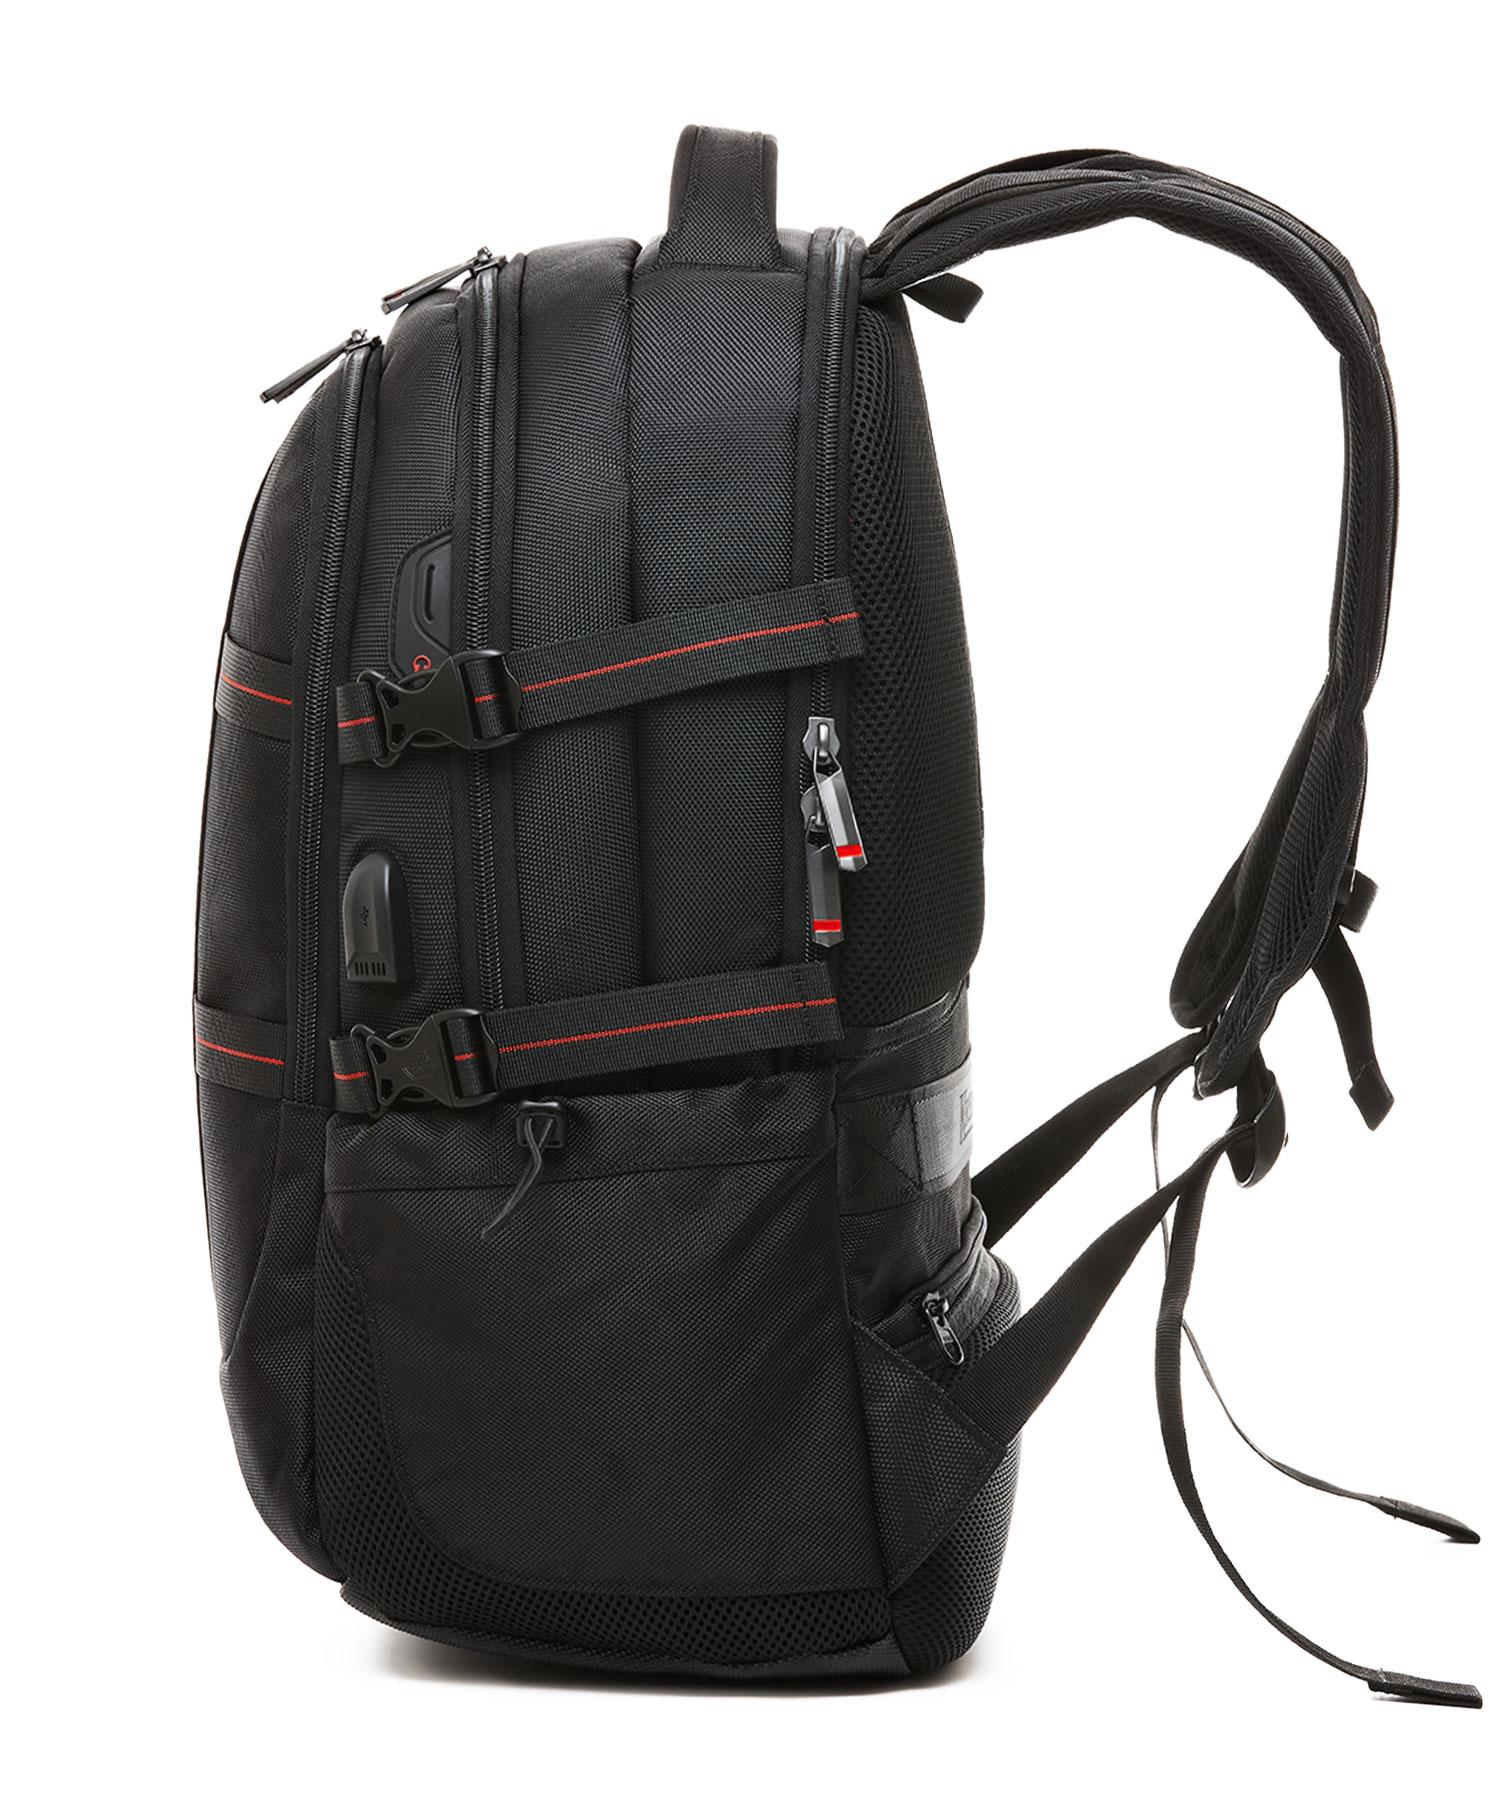 Krimcode Business Formal Notebook Backpack Side